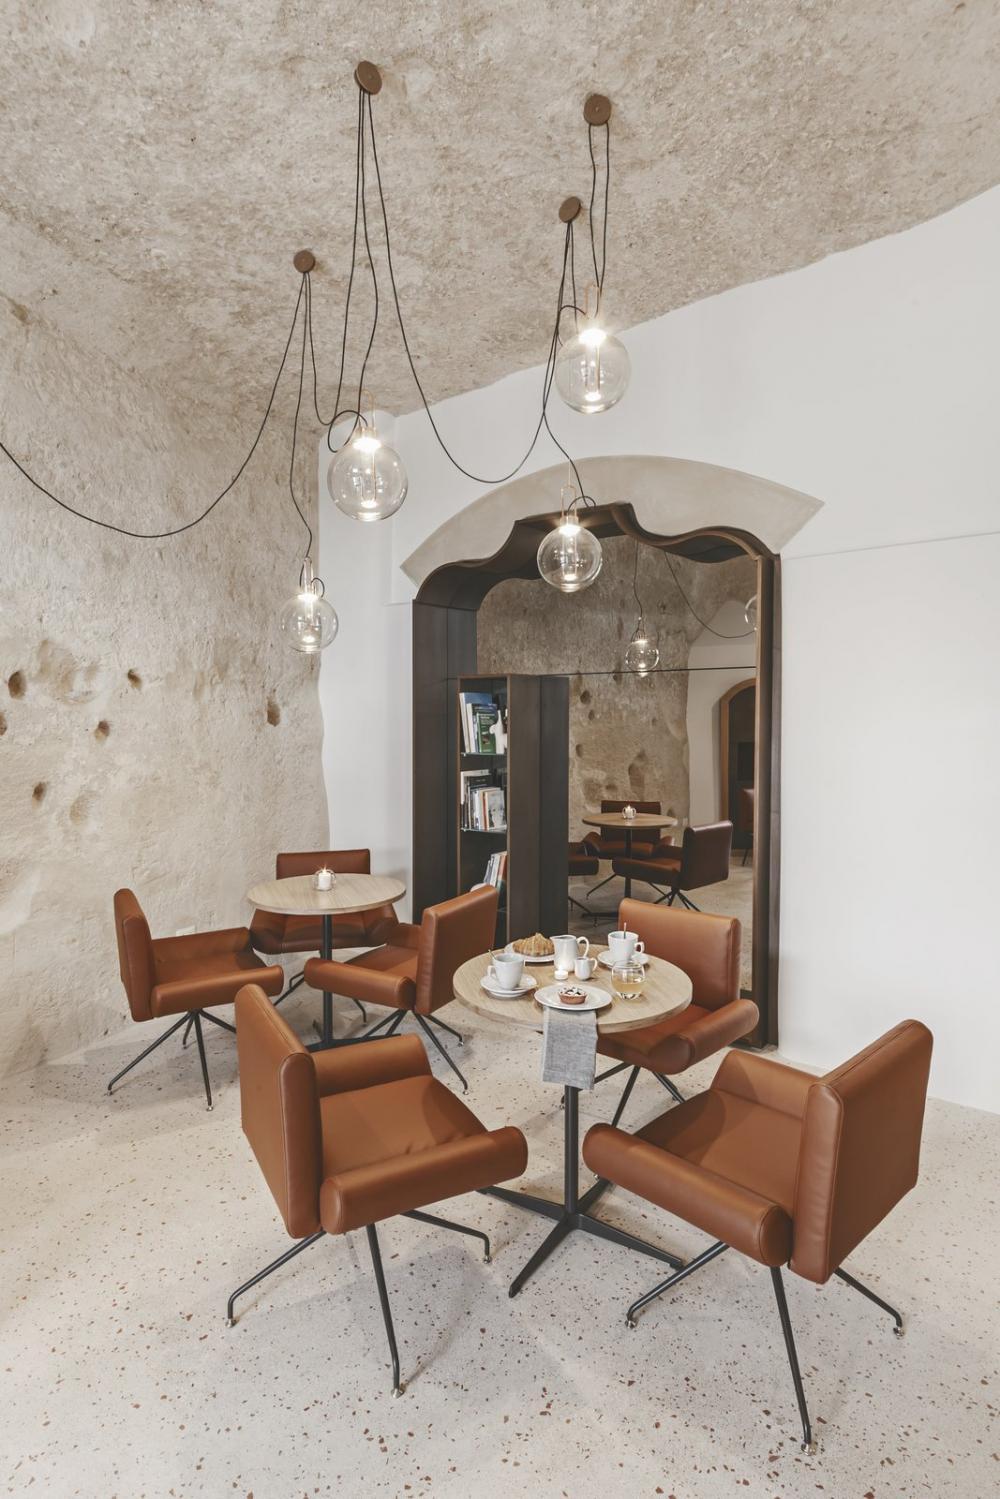 Phòng tiếp khách hiện đại với đèn thả trang trí độc đáo